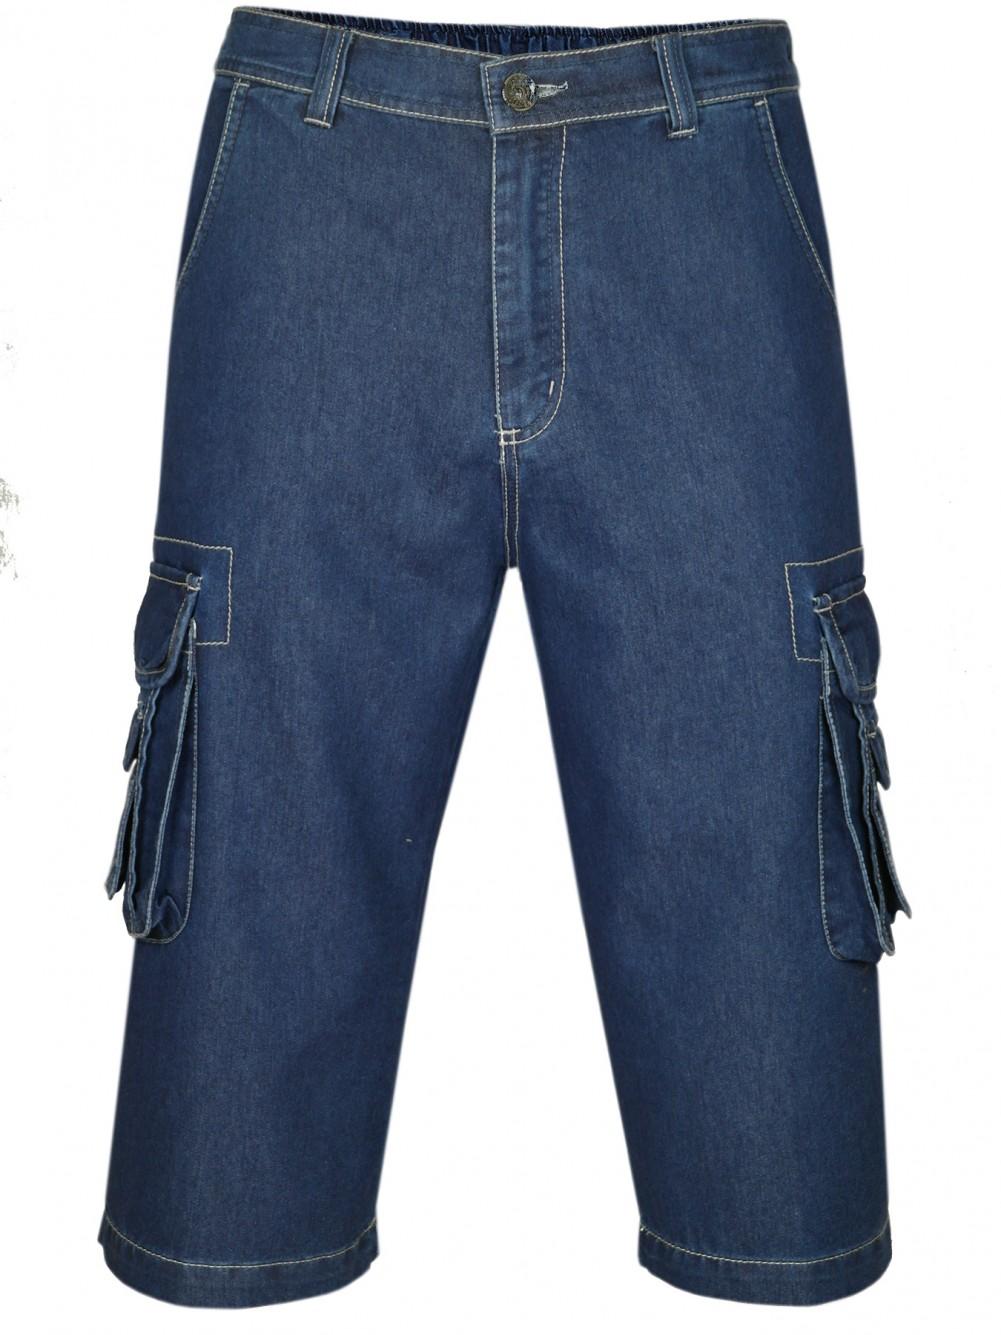 Herren Shorts Jeans Bermuda mit Cargotaschen